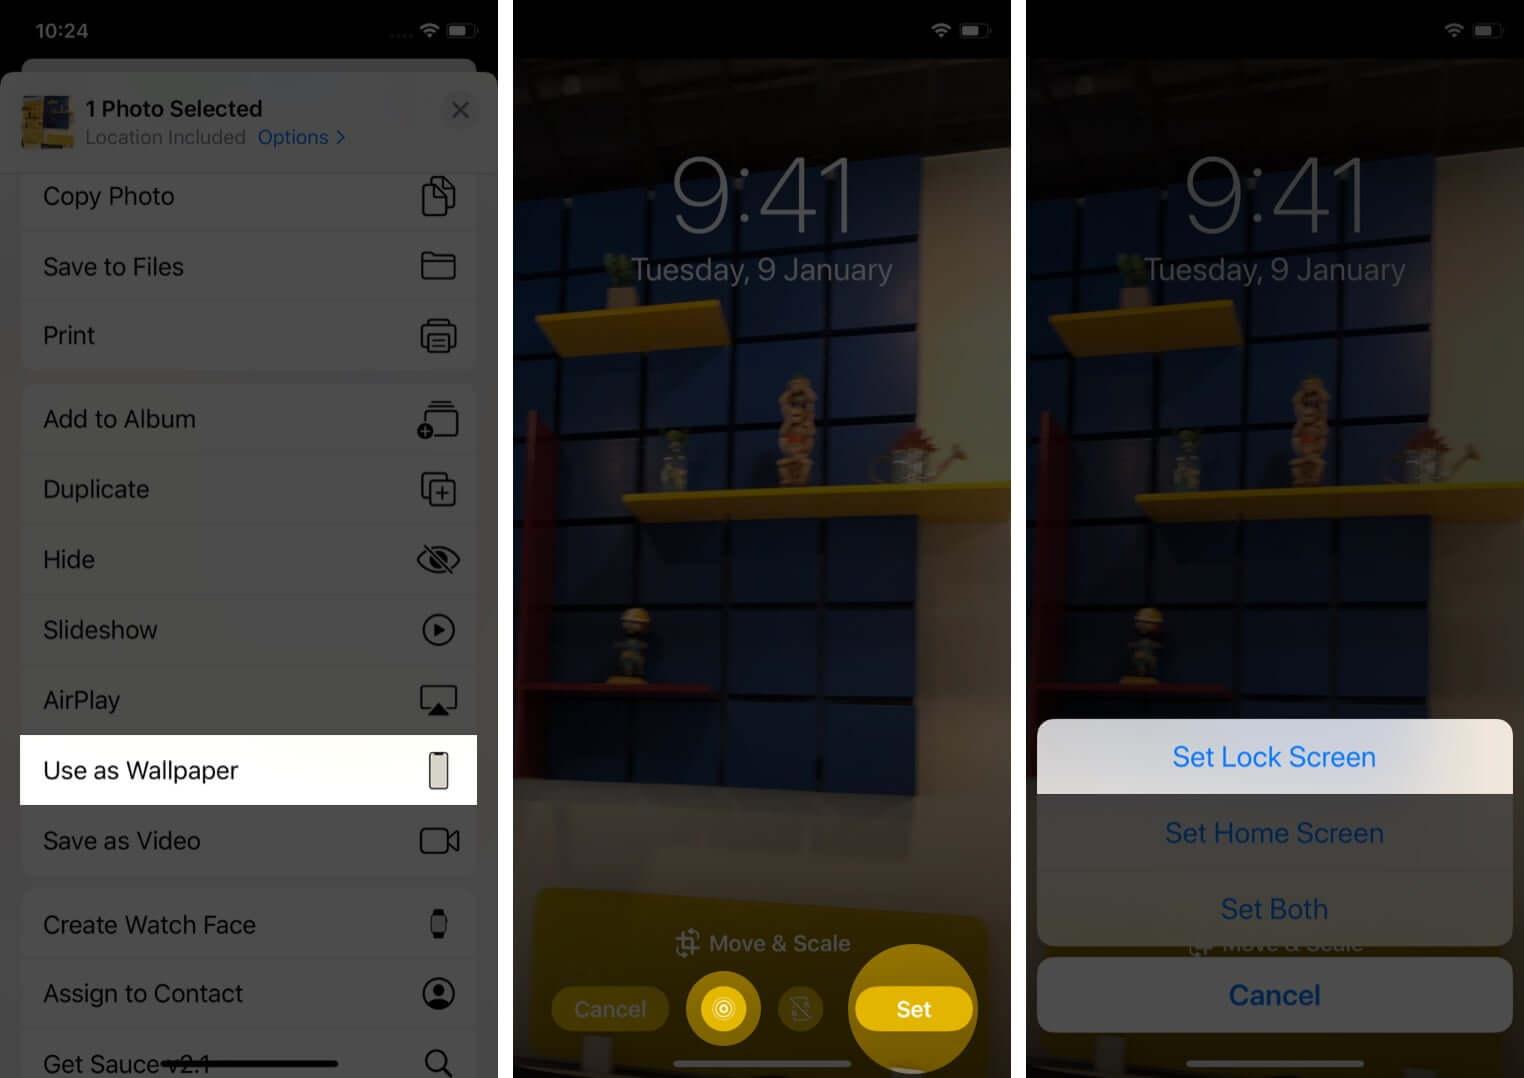 Cách sử dụng hình nền động trên iPhone